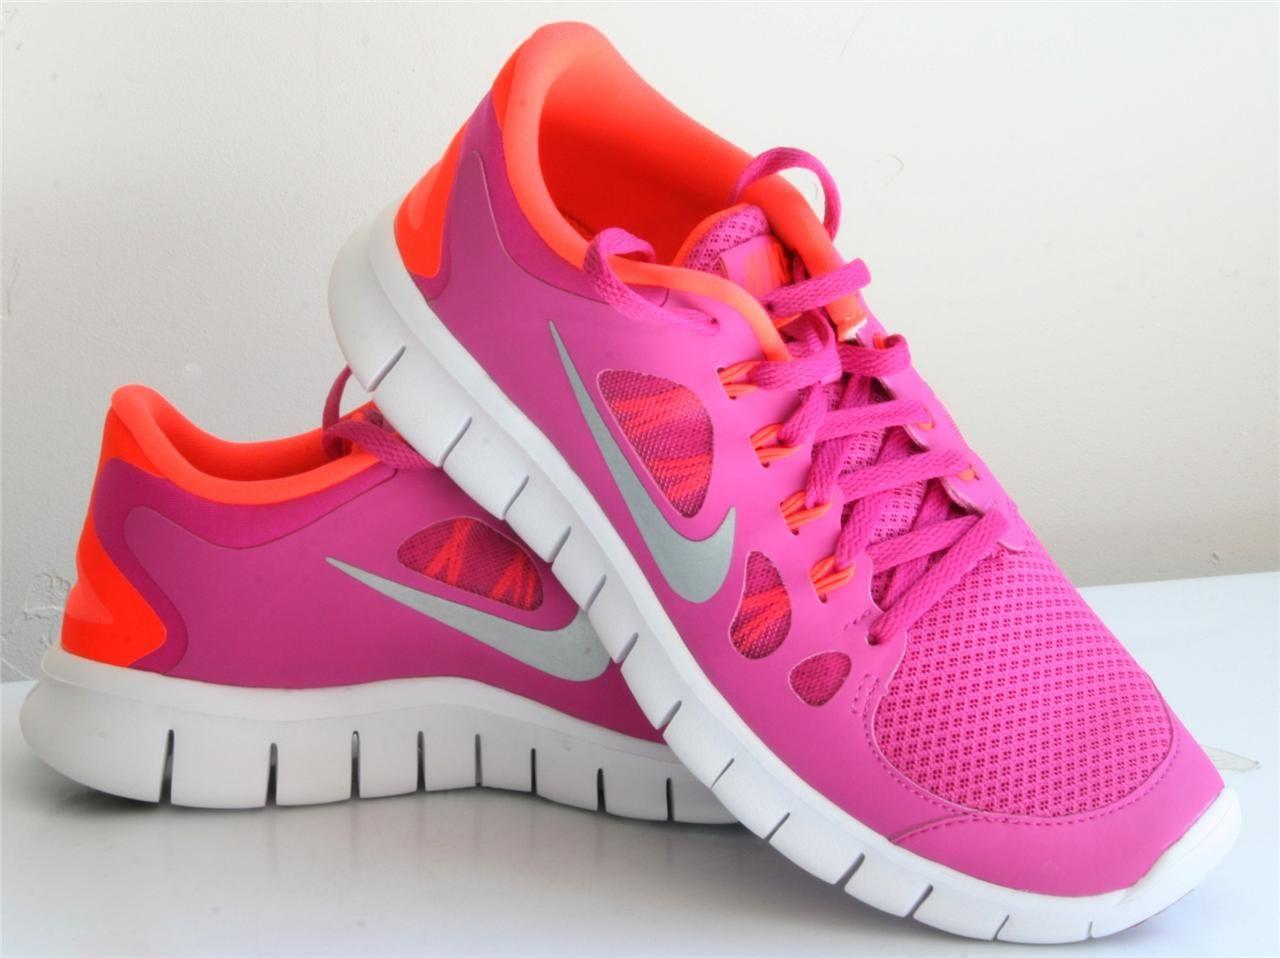 womens nike free run 5.0 orange pink